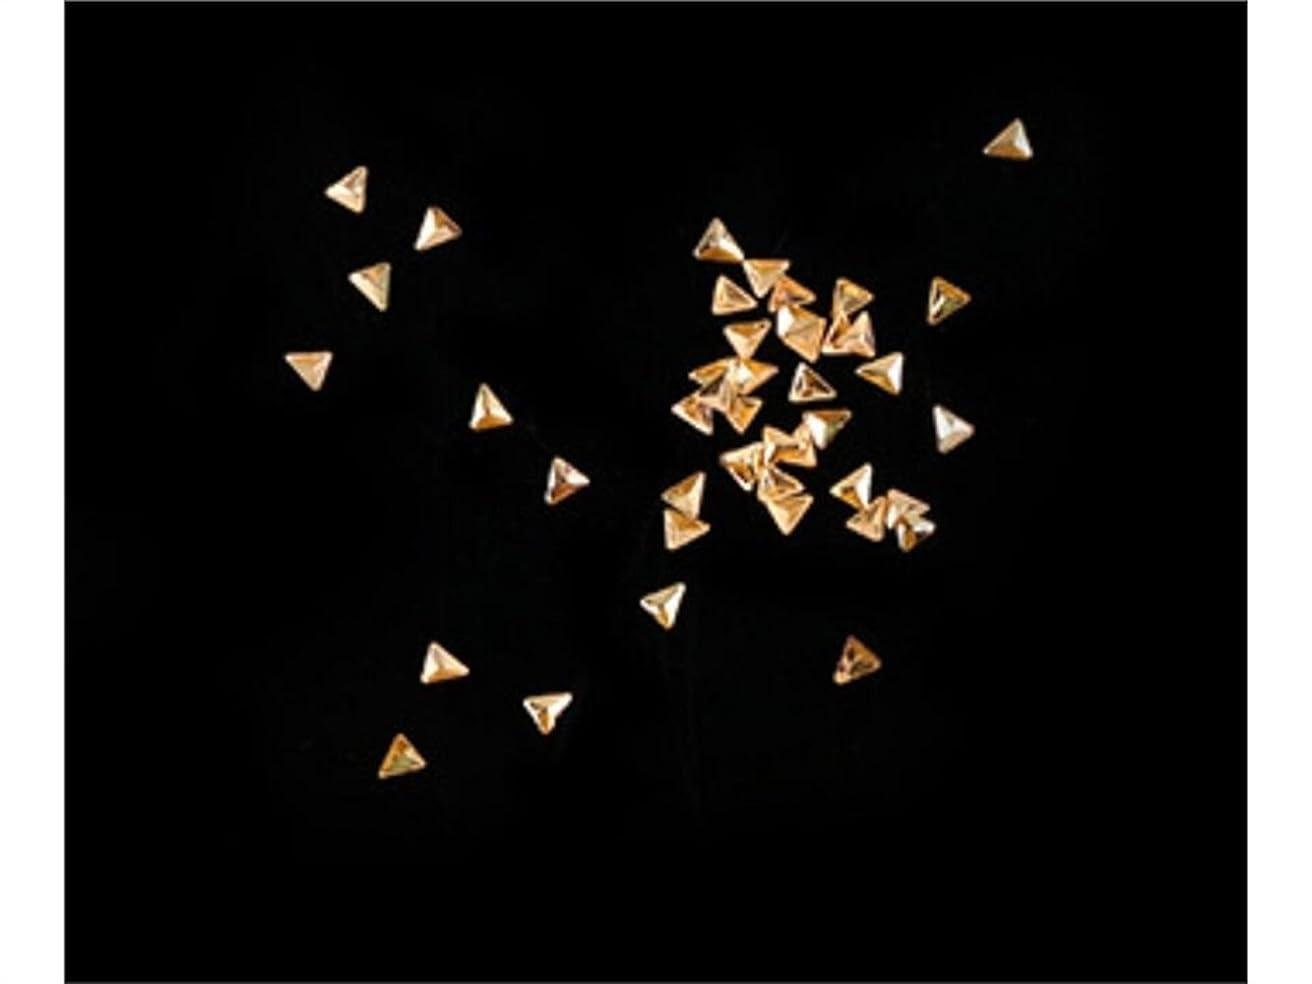 金曜日抜本的な鉛Osize Giltterスタームーンリベット混合ストリップストライプネイルアートステッカーデカールアクセサリーマニキュアDIYツール(ゴールデン)